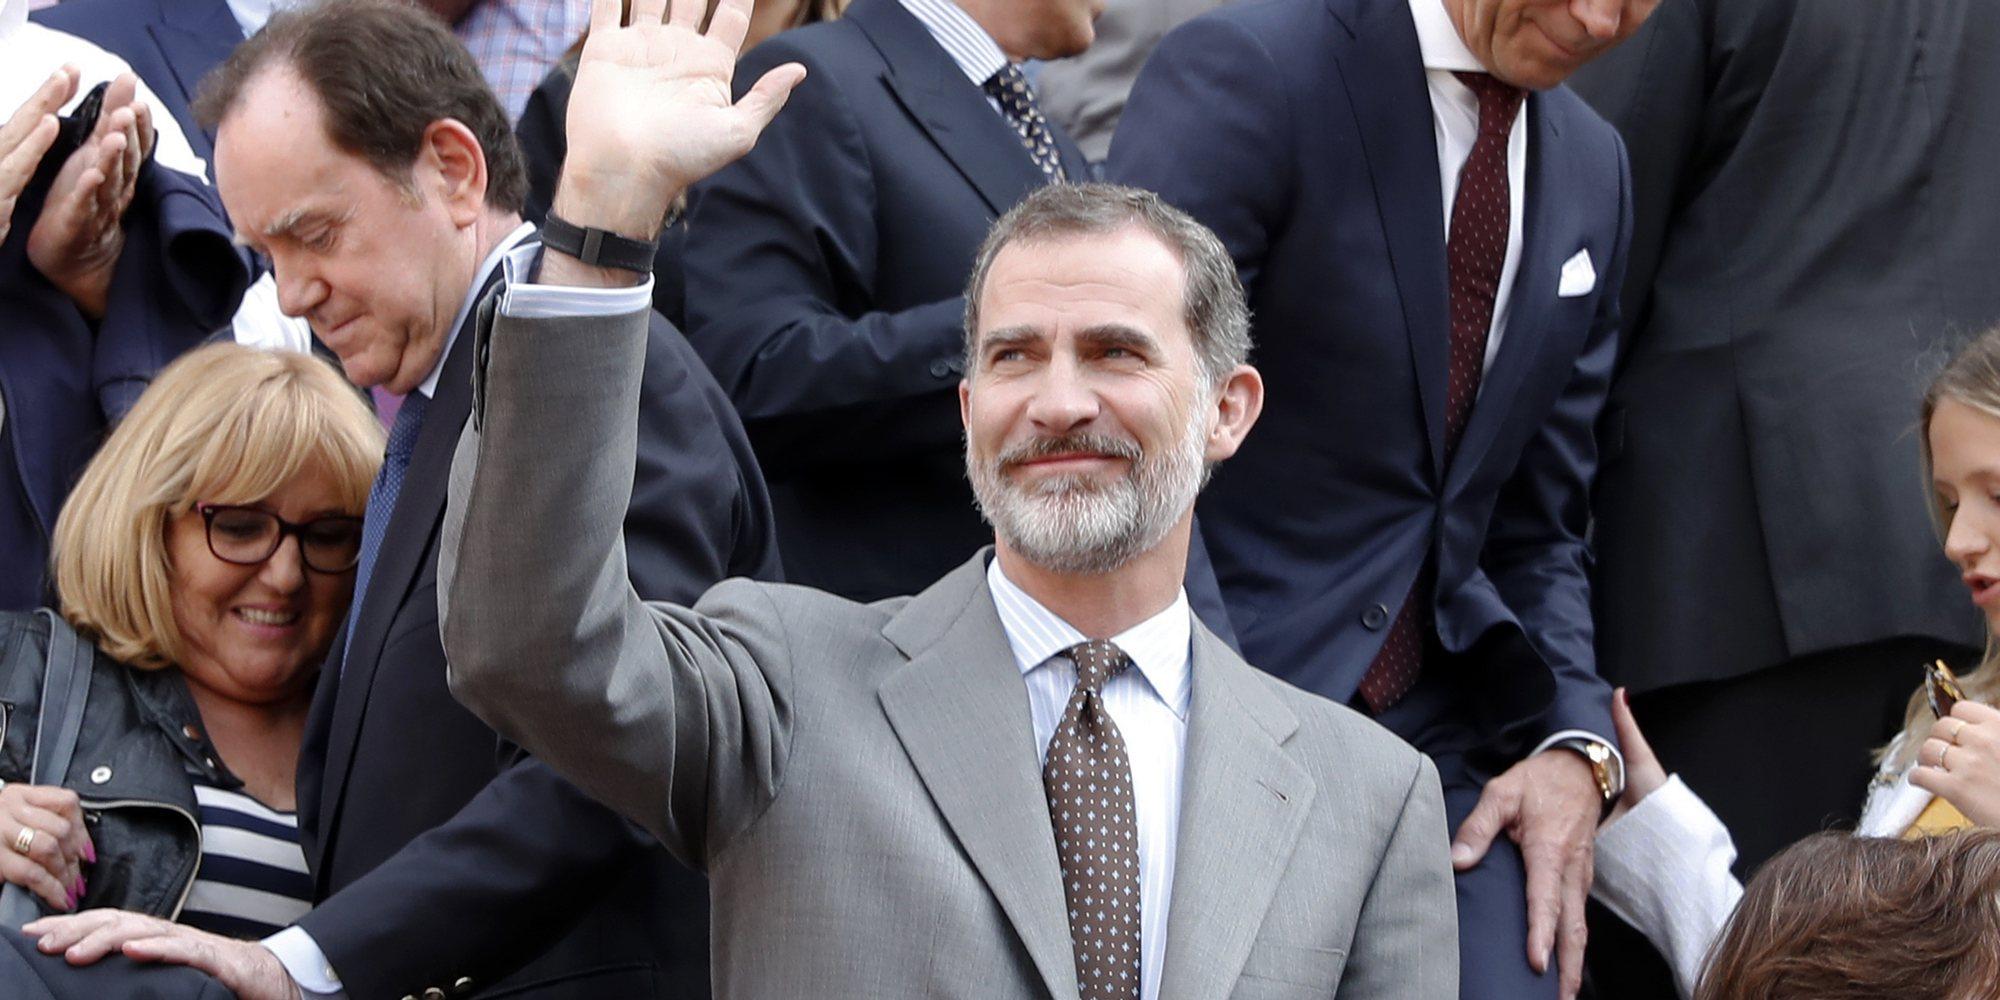 El Rey Felipe o Ágatha Ruiz de la Prada no se pierden la Corrida de la Prensa 2018 en Madrid